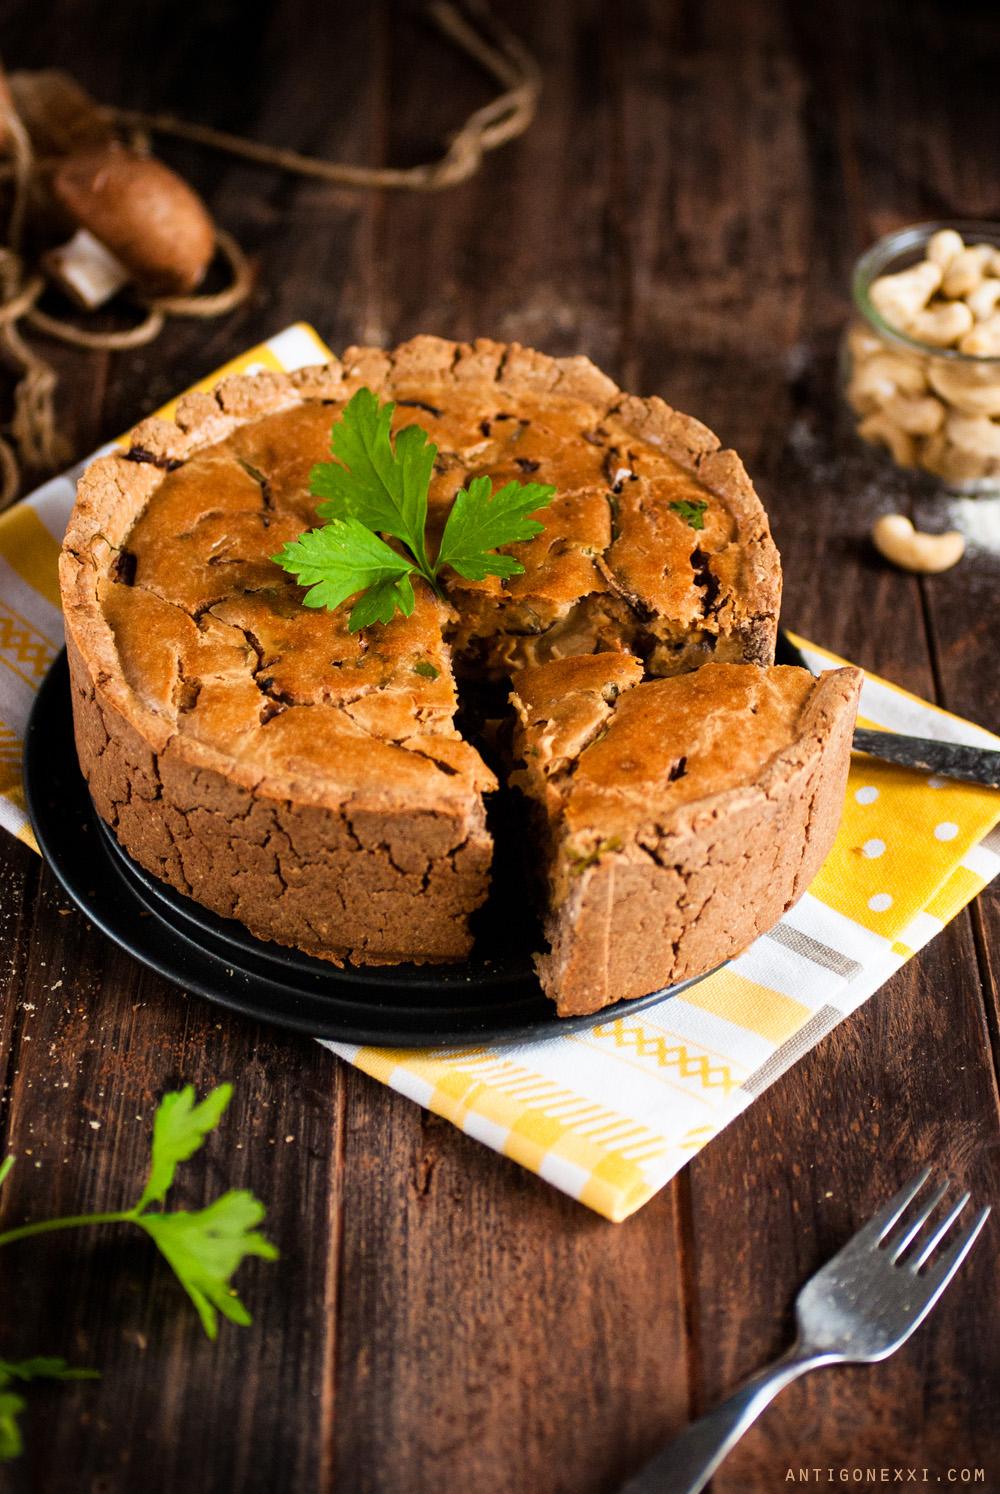 Quiche au fromage #vegan #sansgluten | antigone21.com